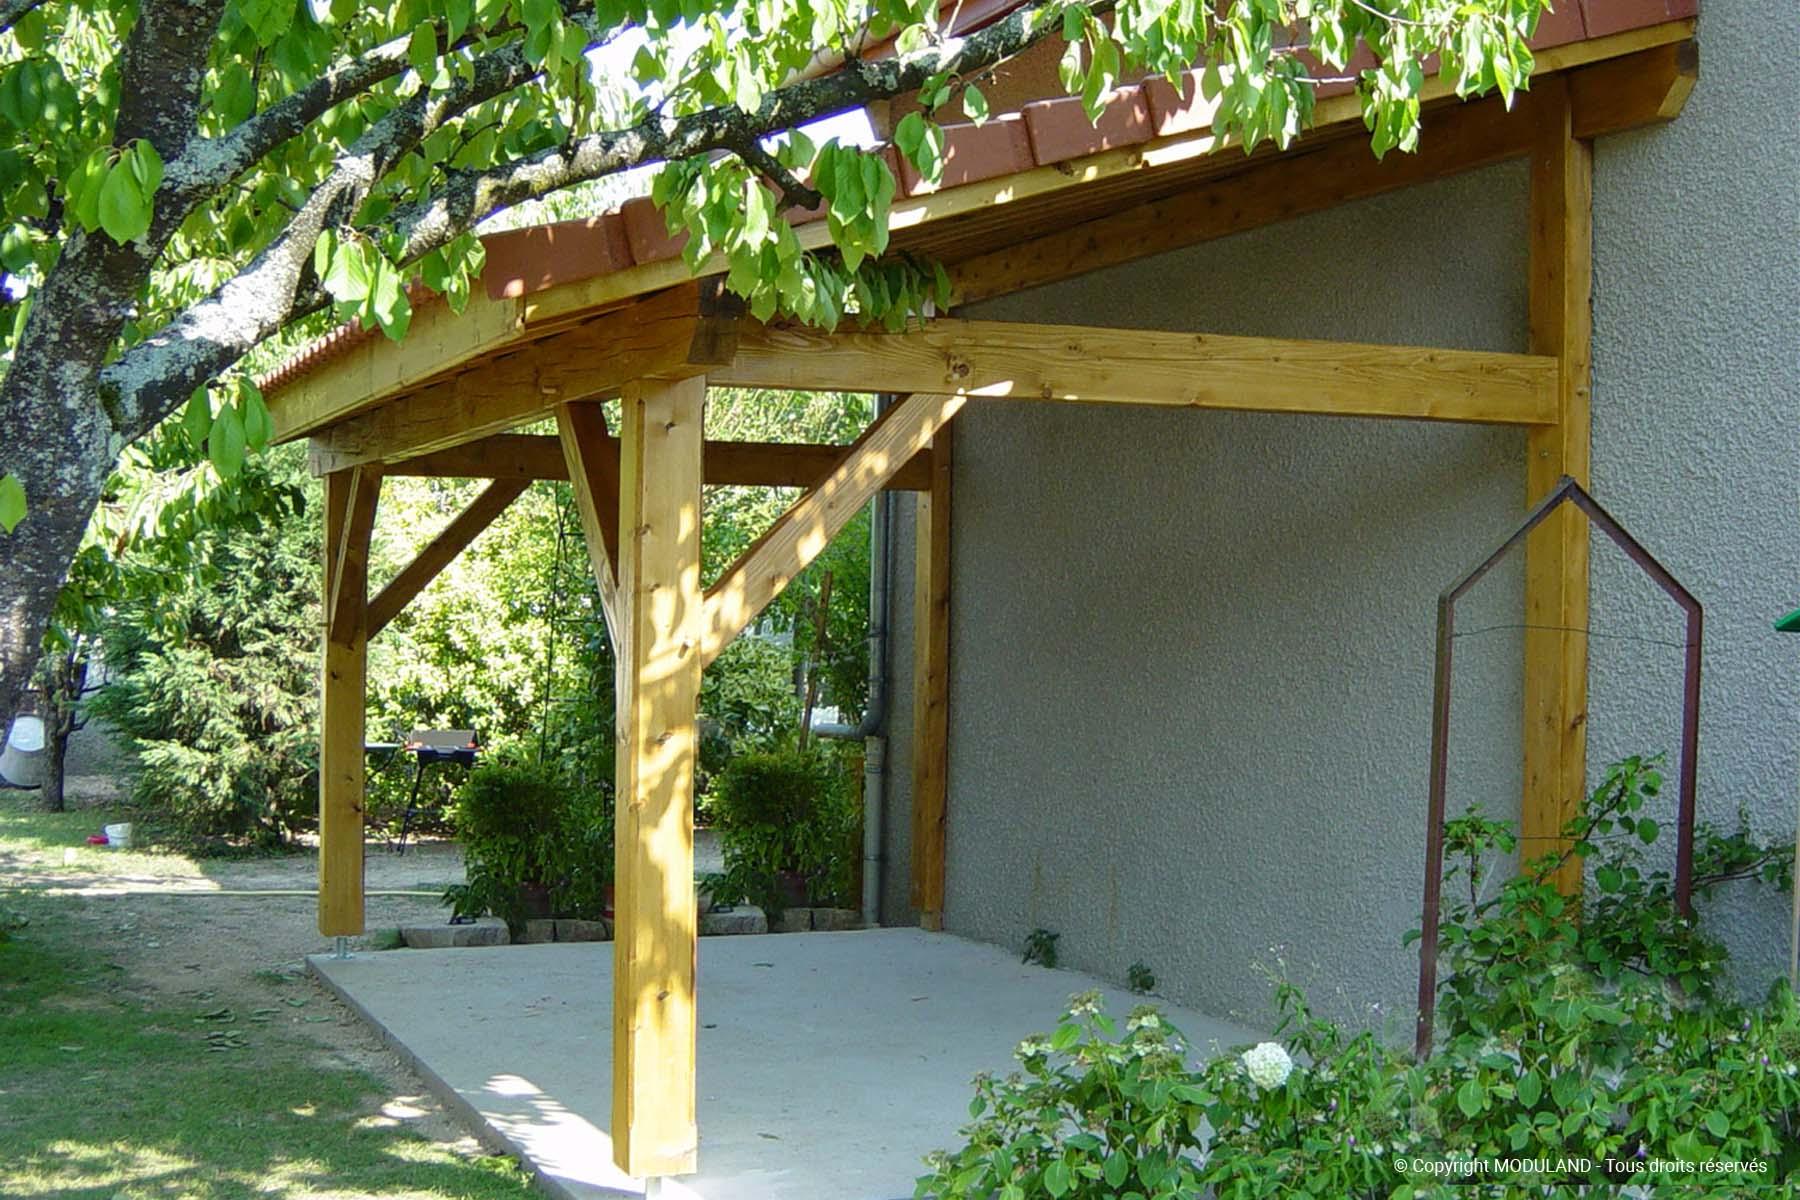 Auvent En Bois Vichy | Moduland pour Auvent Bois Terrasse